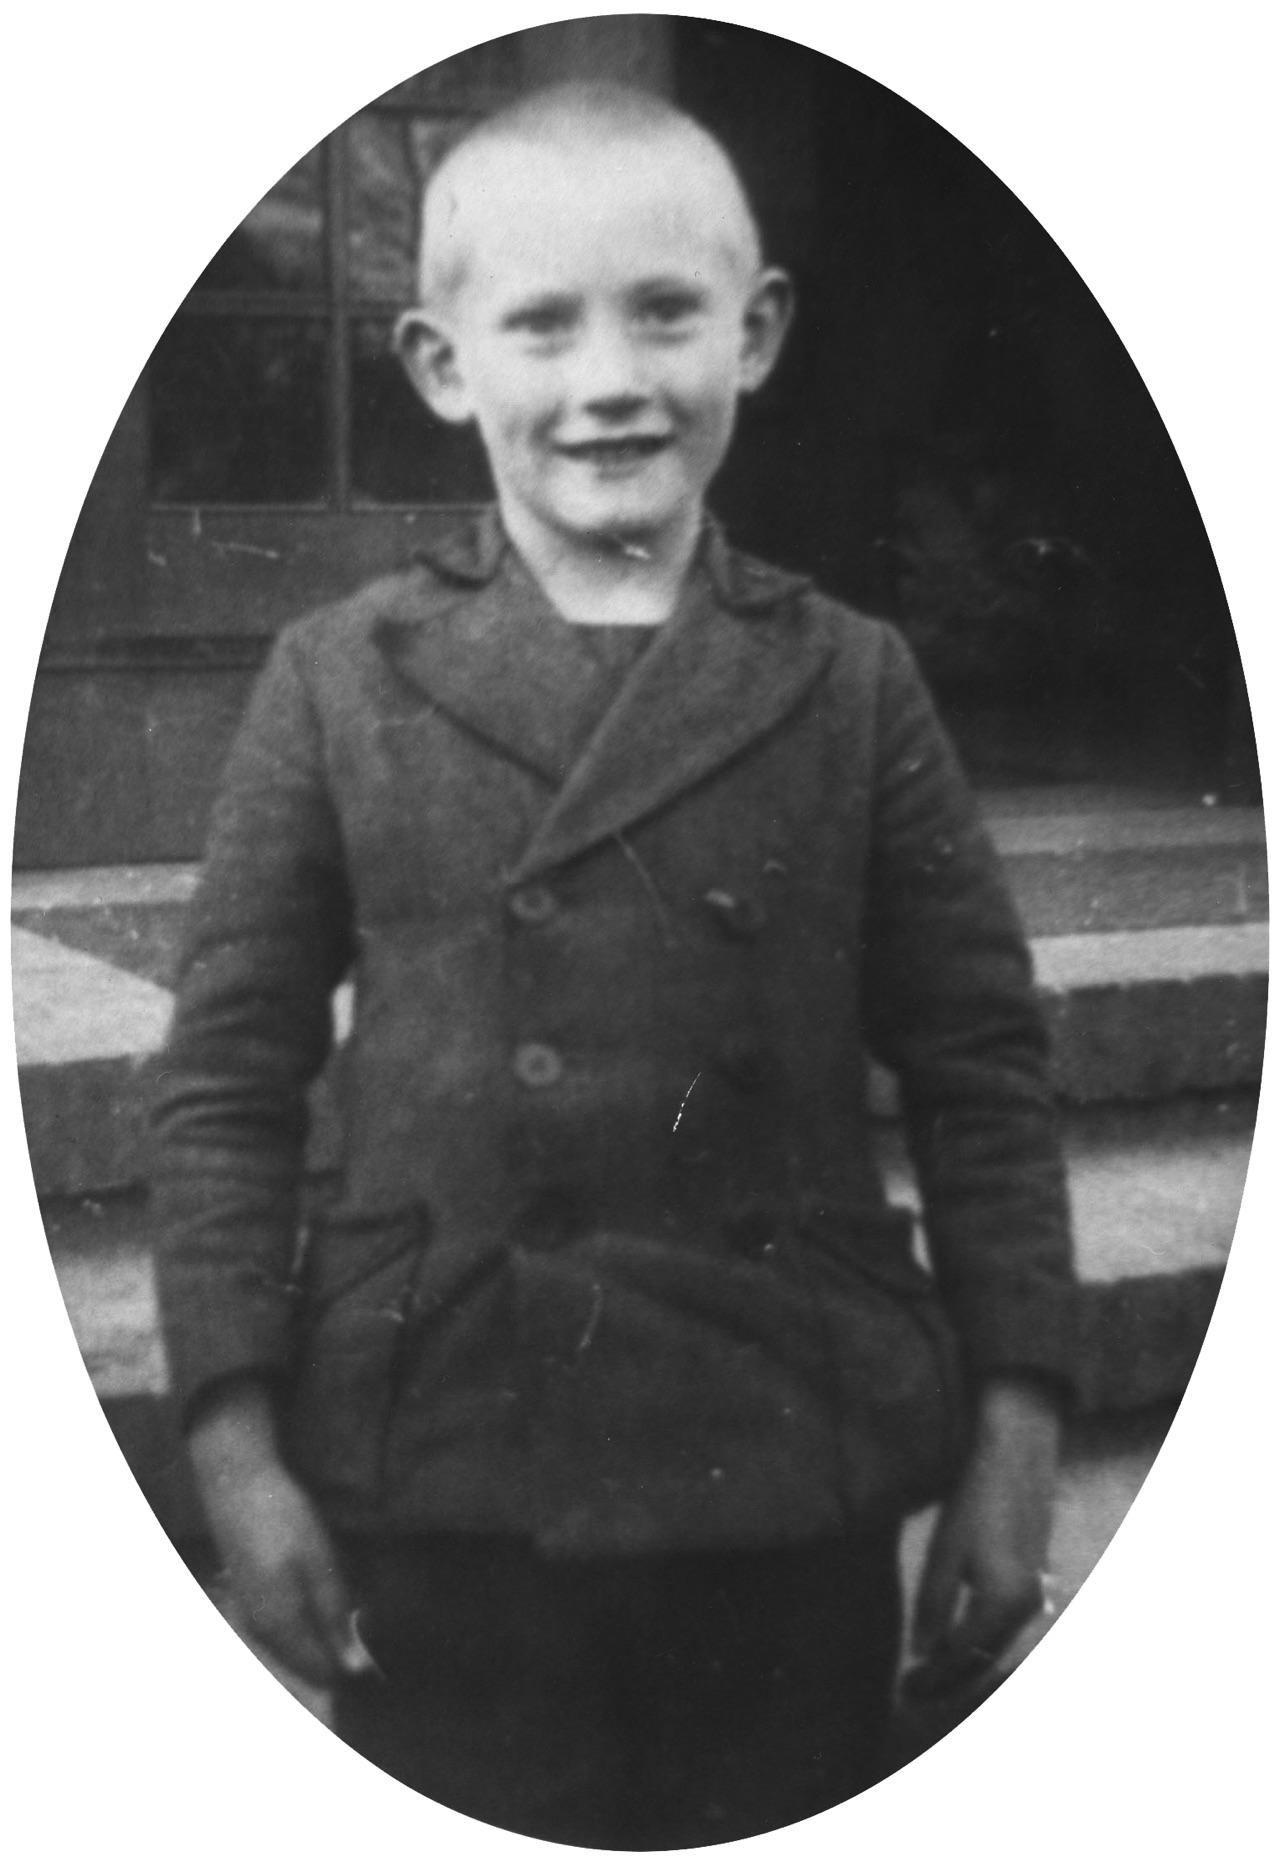 Lausbubenstreiche · Mein Vater · 1. März 2004